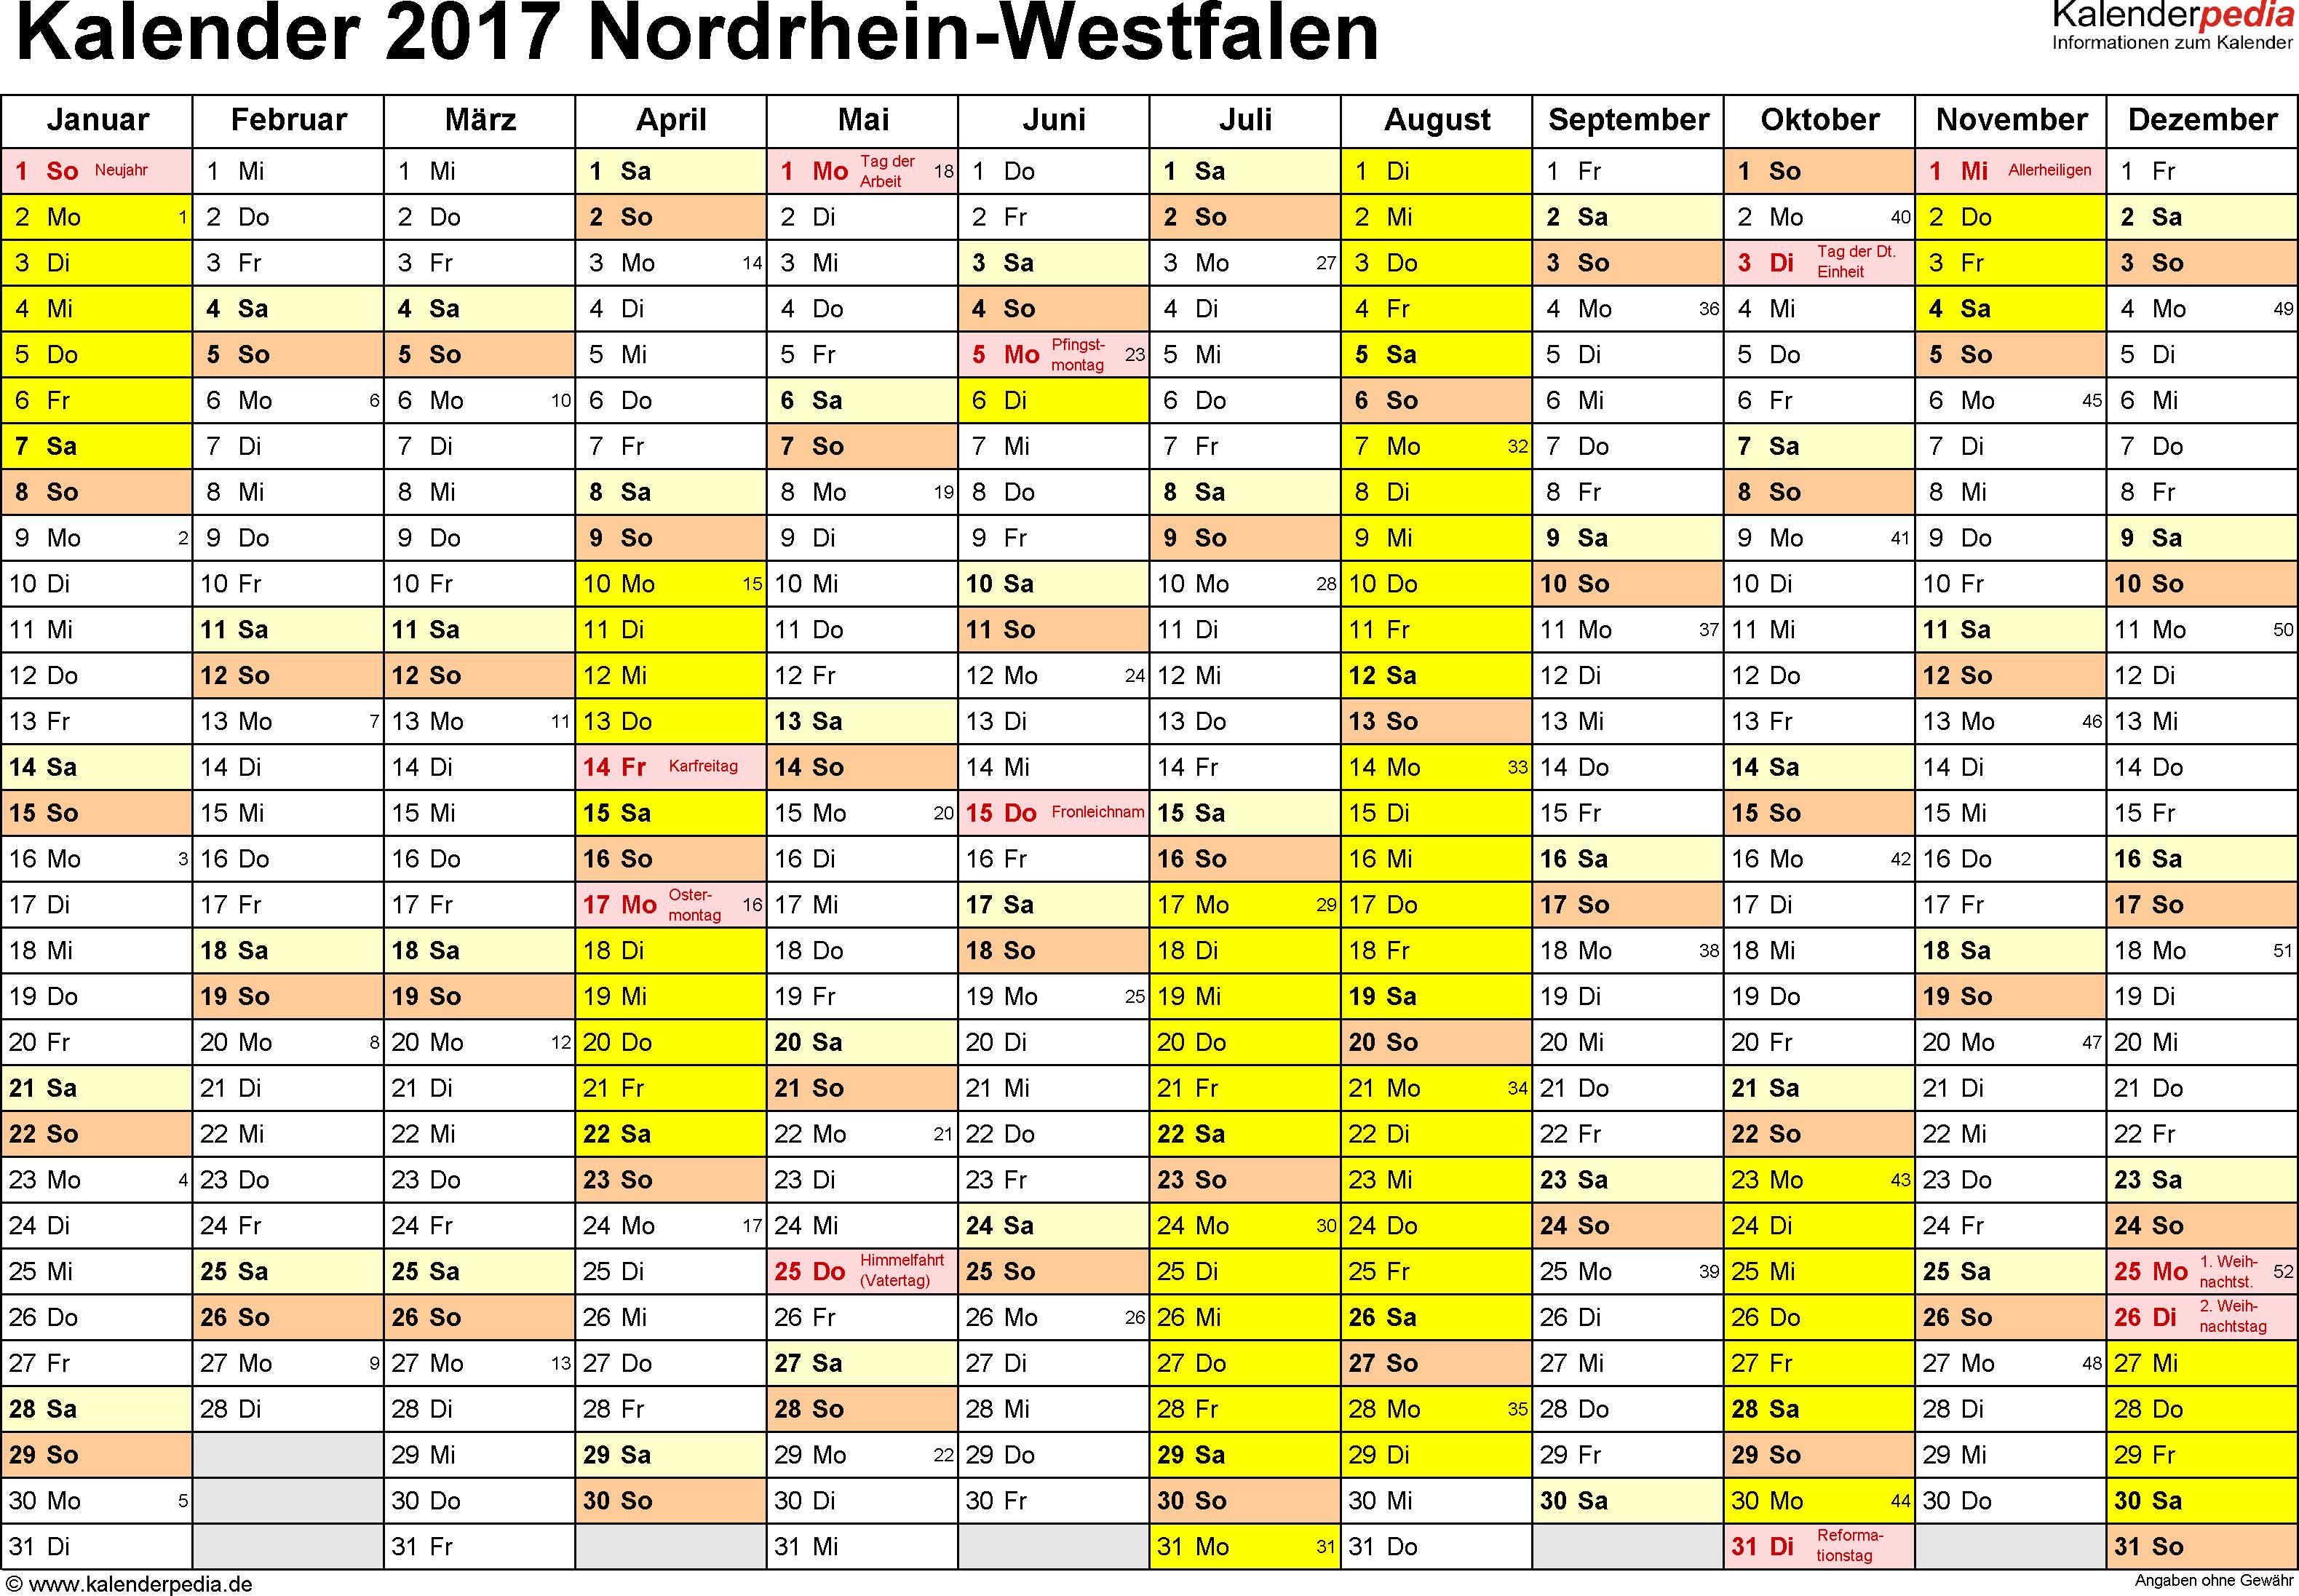 Vorlage 1: Kalender 2017 für Nordrhein-Westfalen (NRW) als Word-Vorlage (Querformat, 1 Seite)